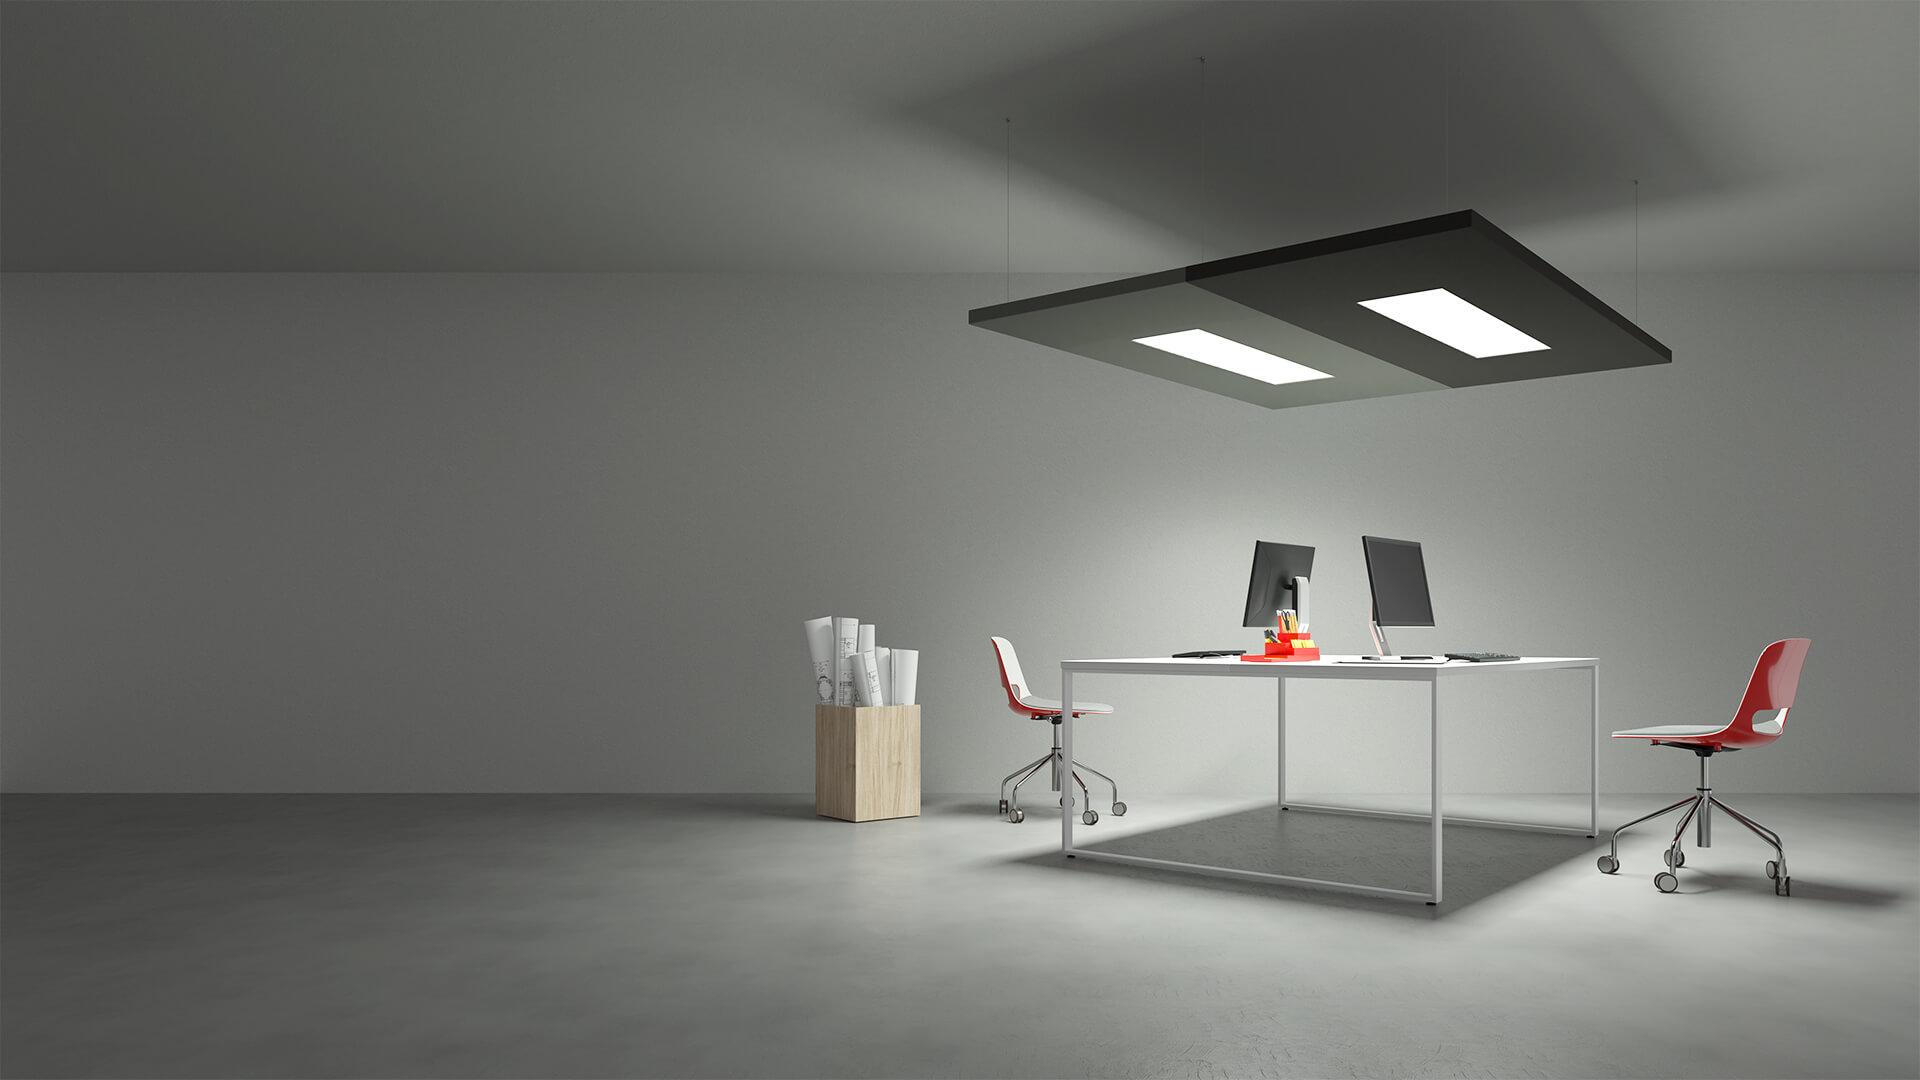 Eclairage Plafond A La Francaise panneaux phonoabsorbants avec éclairage led - caruso acoustic